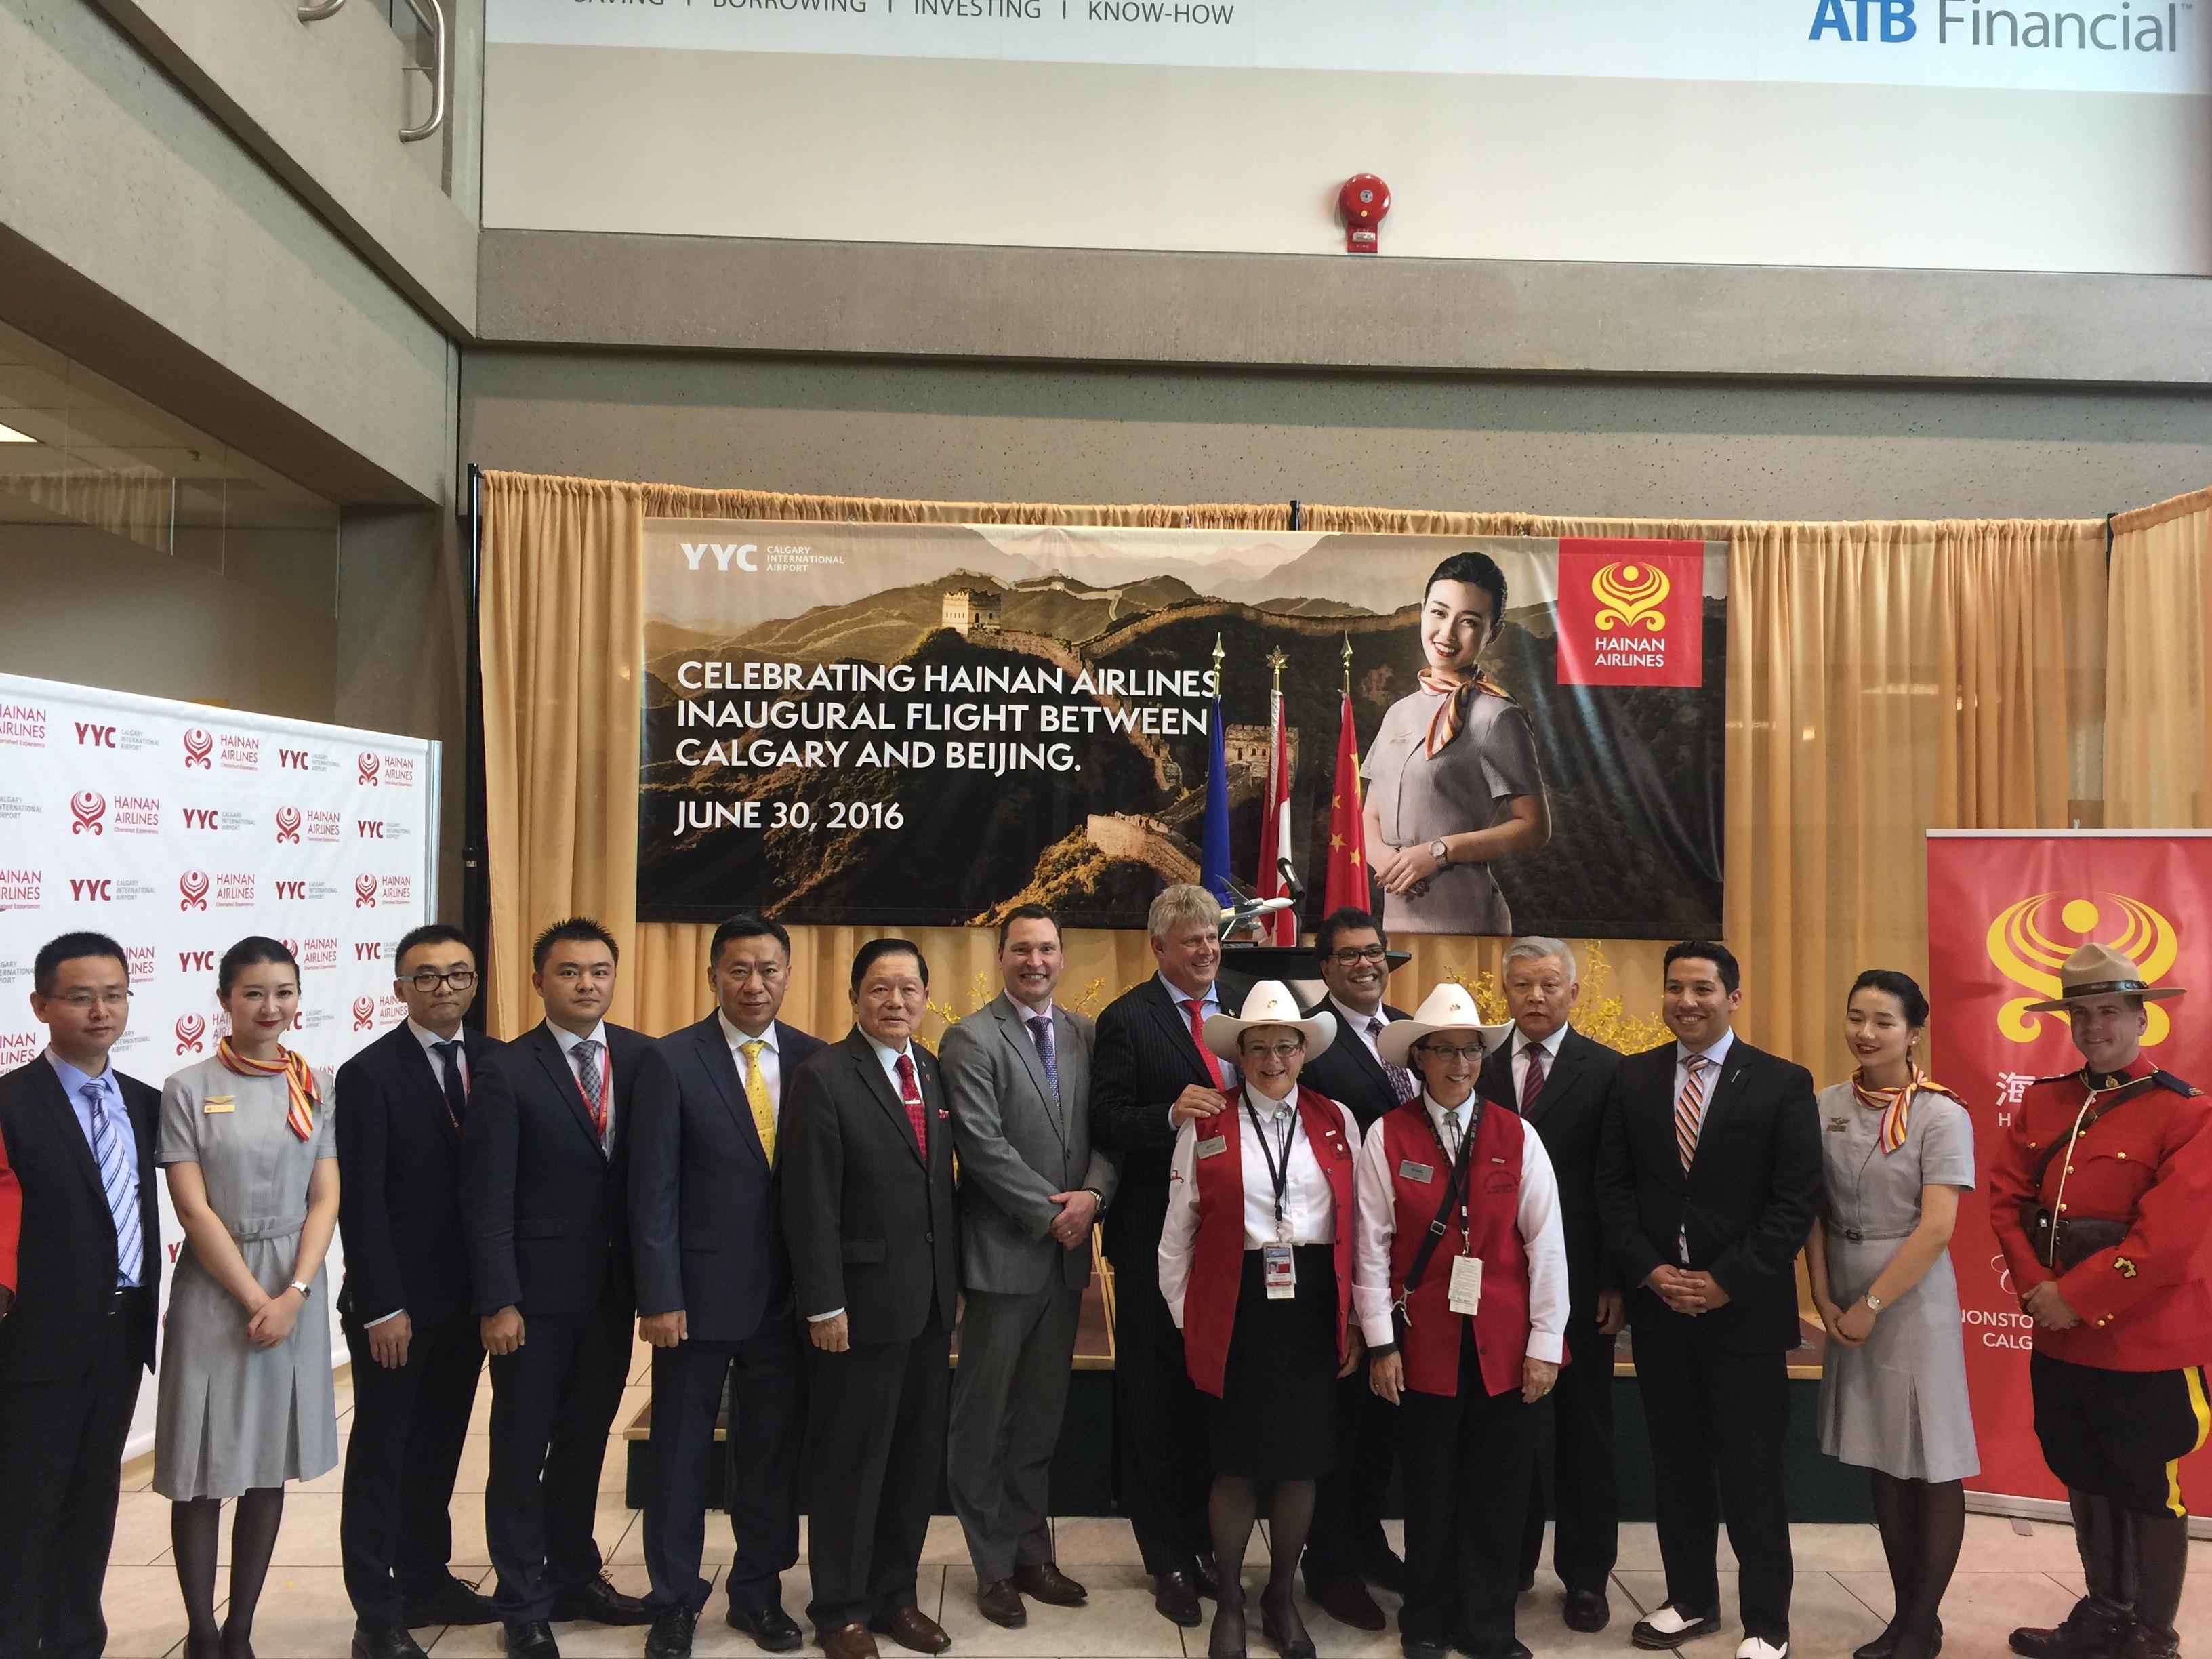 海南航空20160630北京直飞卡尔加里开航庆典